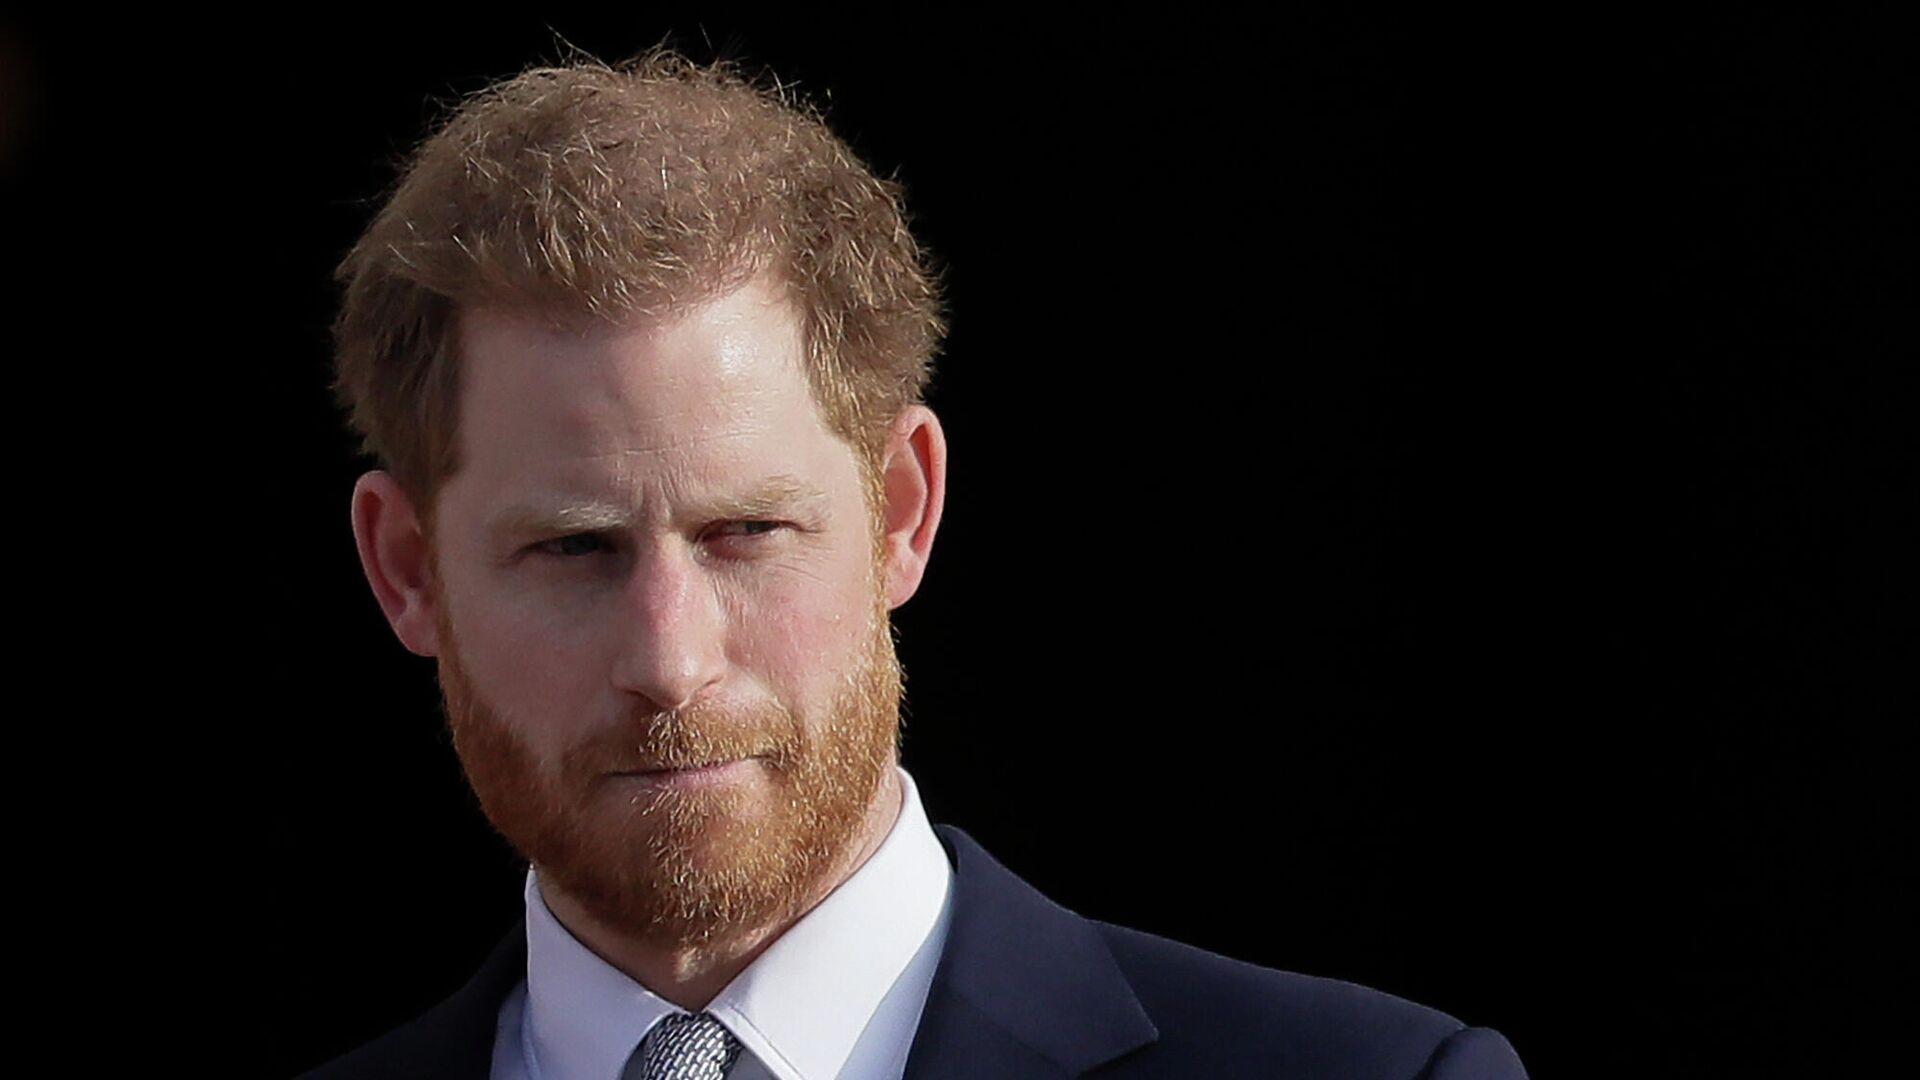 Британский принц Гарри в Букингемском дворце в Лондоне - РИА Новости, 1920, 08.03.2021